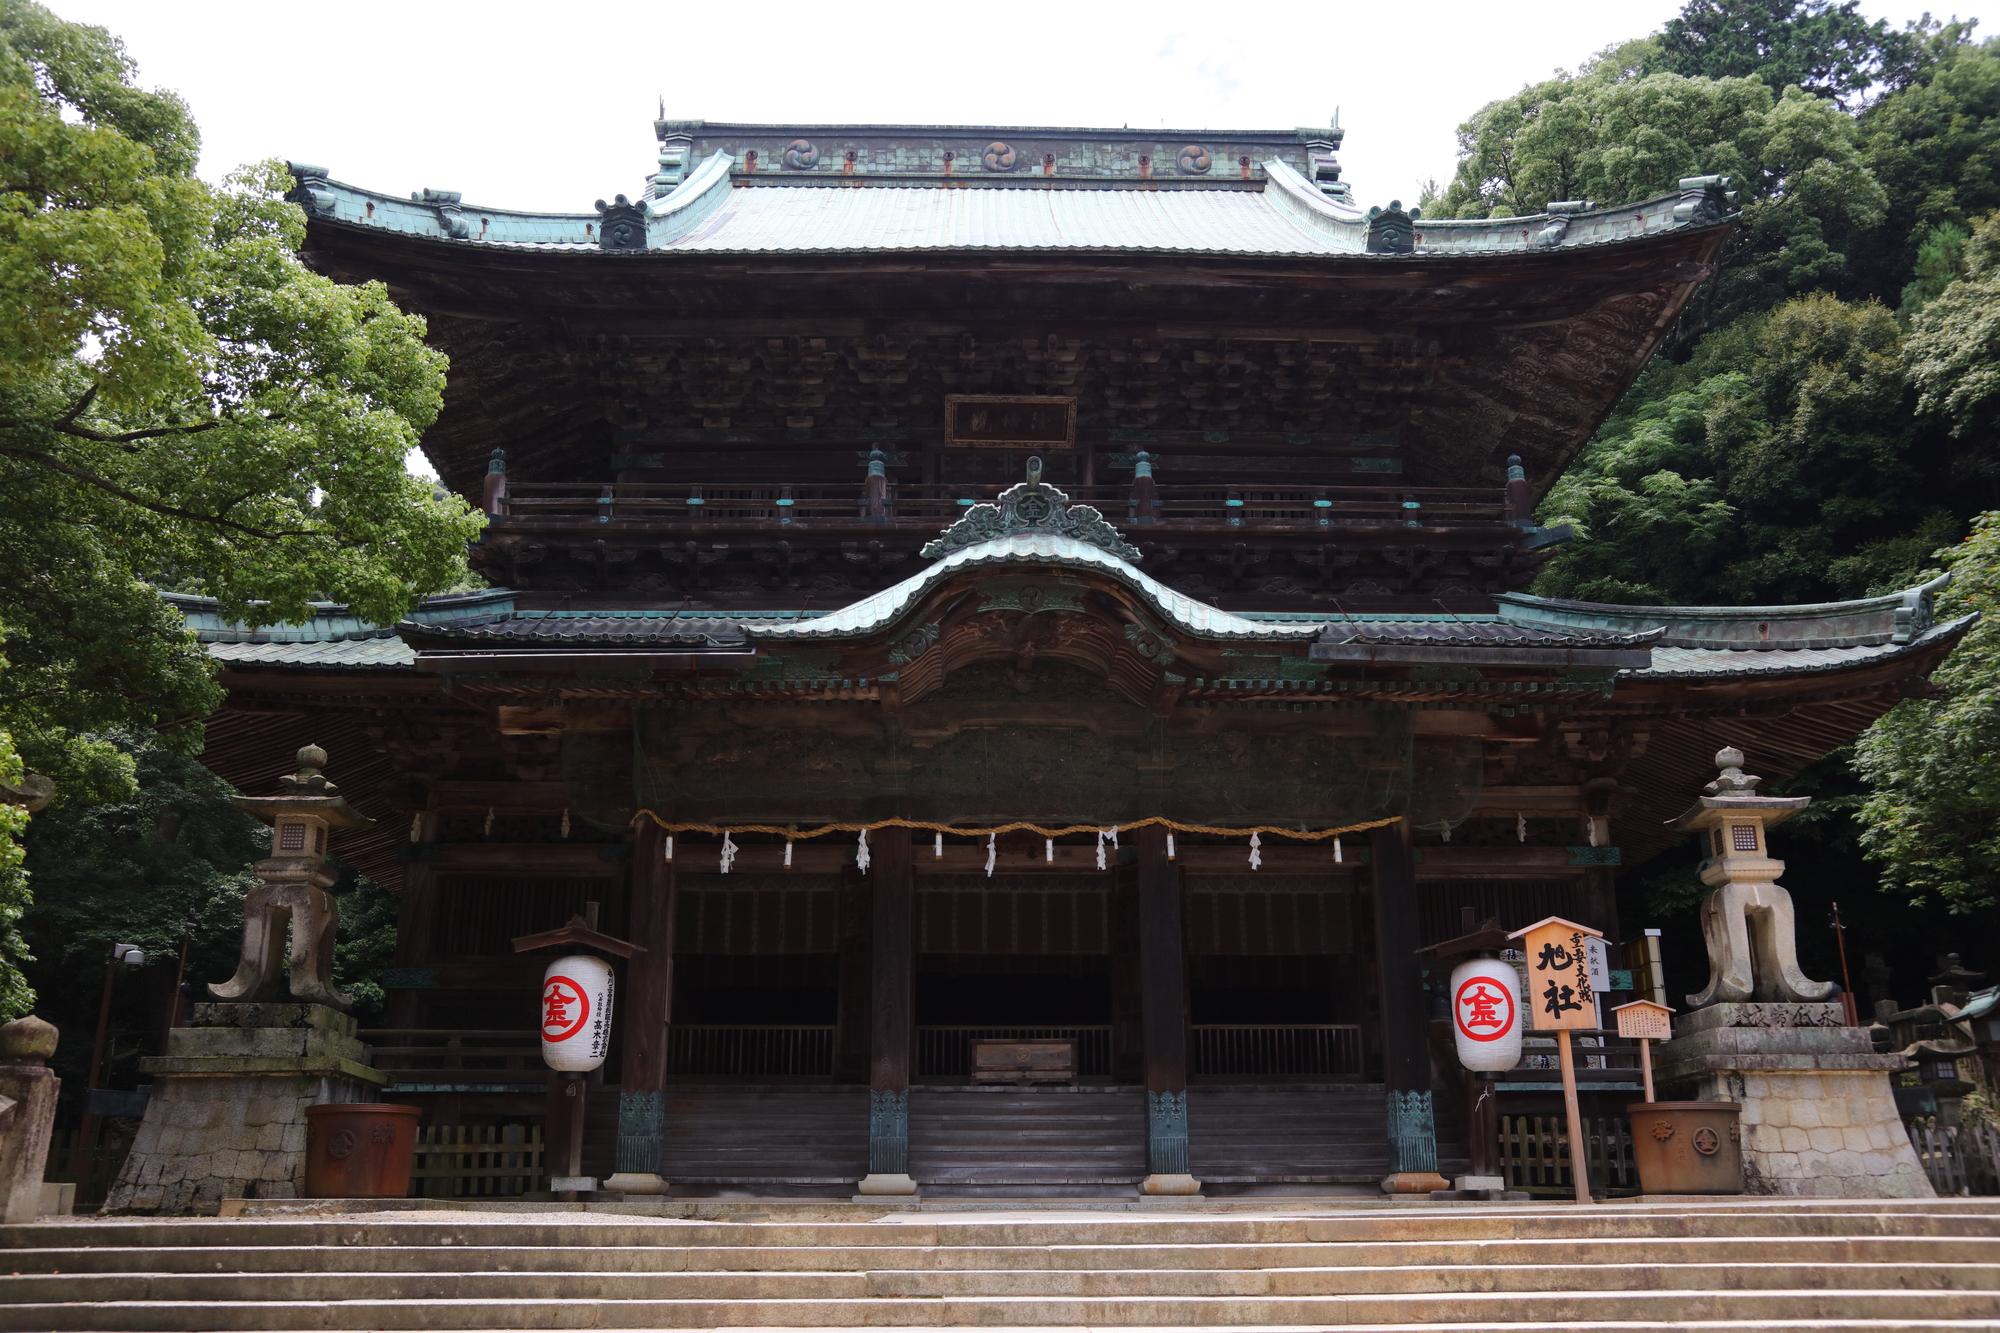 香川県にある金刀比羅宮についてまとめてみた!階段の詳細もあり!